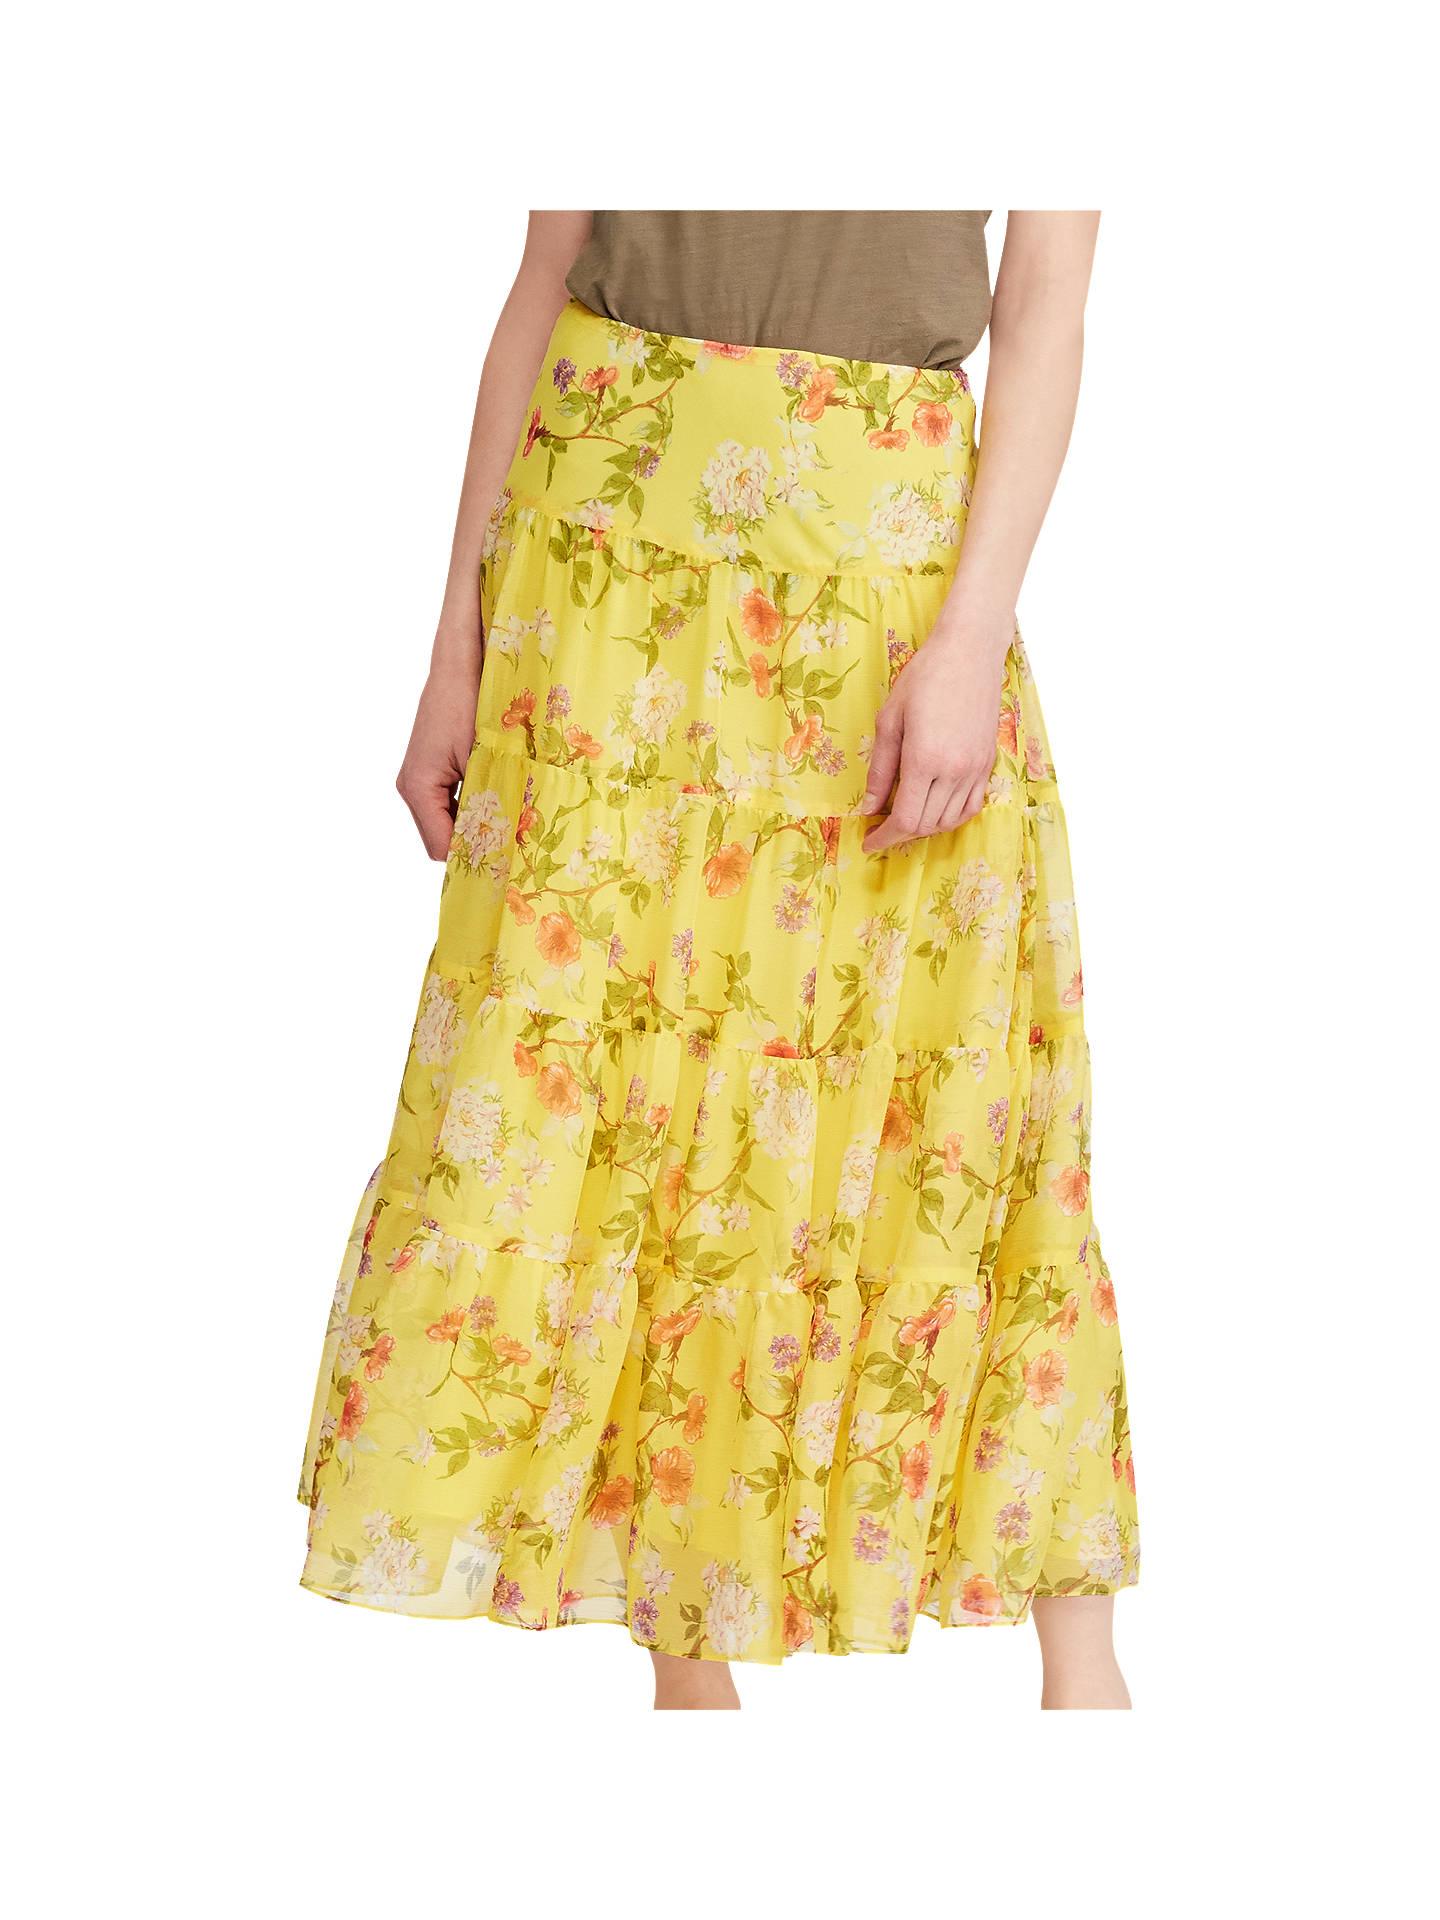 2bc11de075 Georgette Skirts Online – DACC